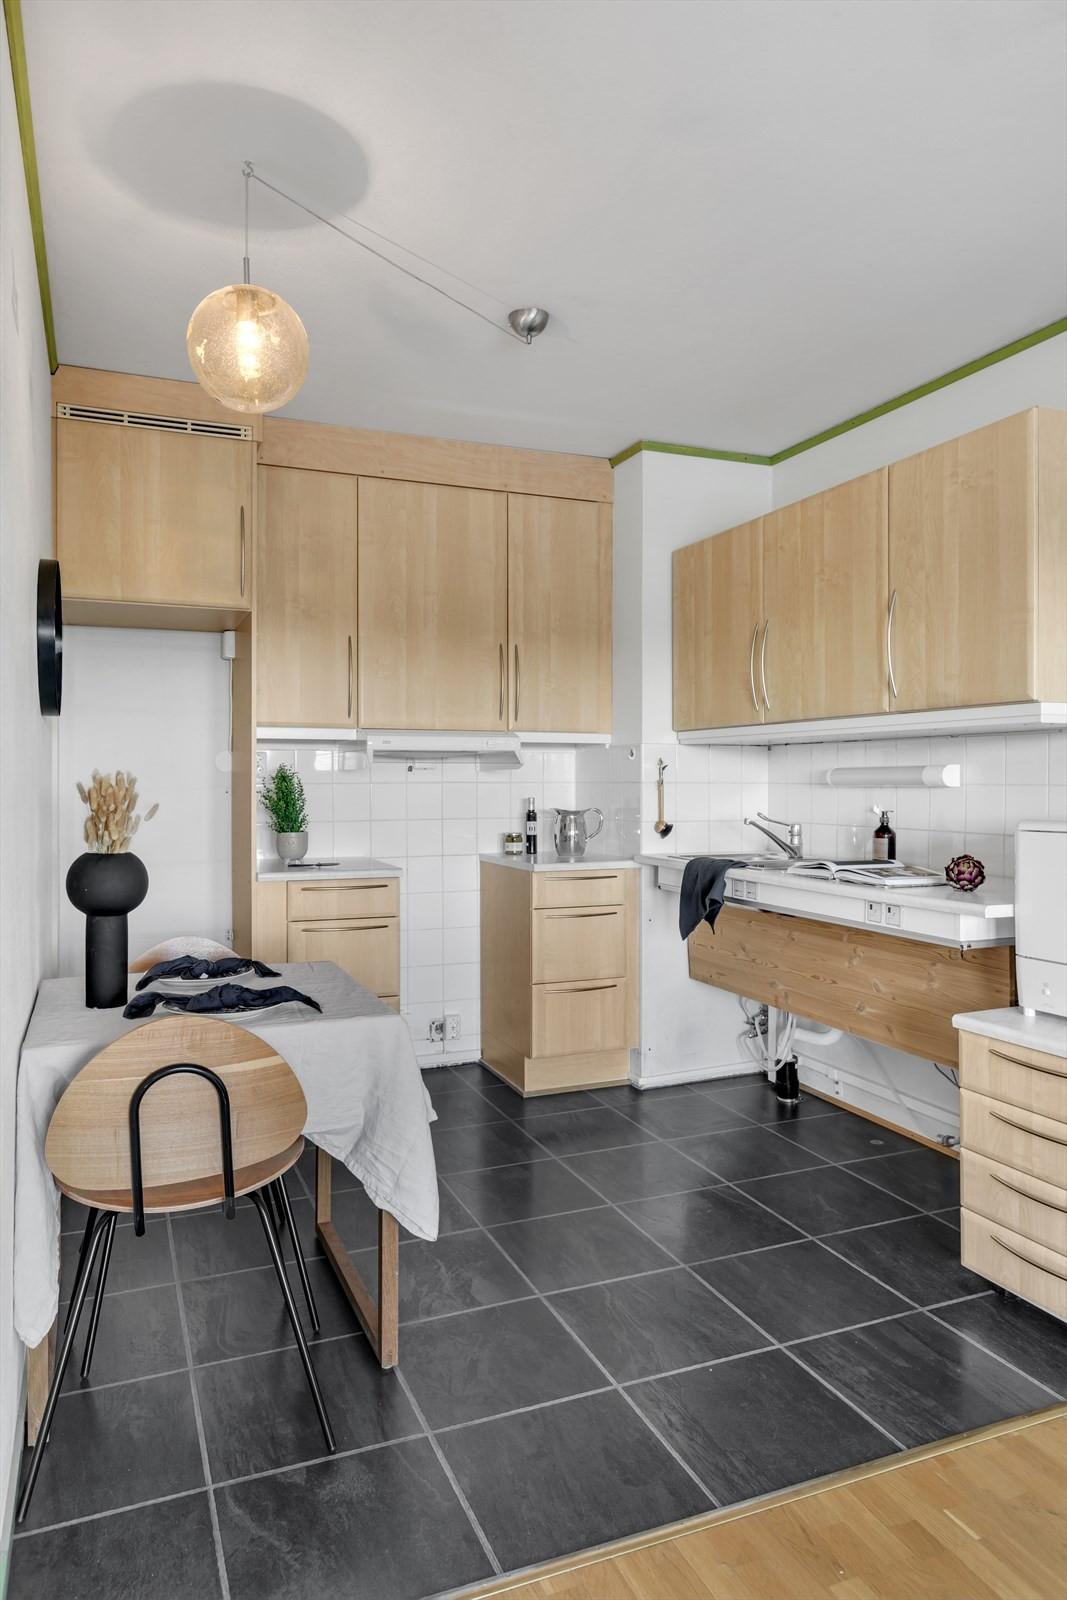 Kjøkken er handicaptilpasset. God plass til liten spiseplass på kjøkkendelen.